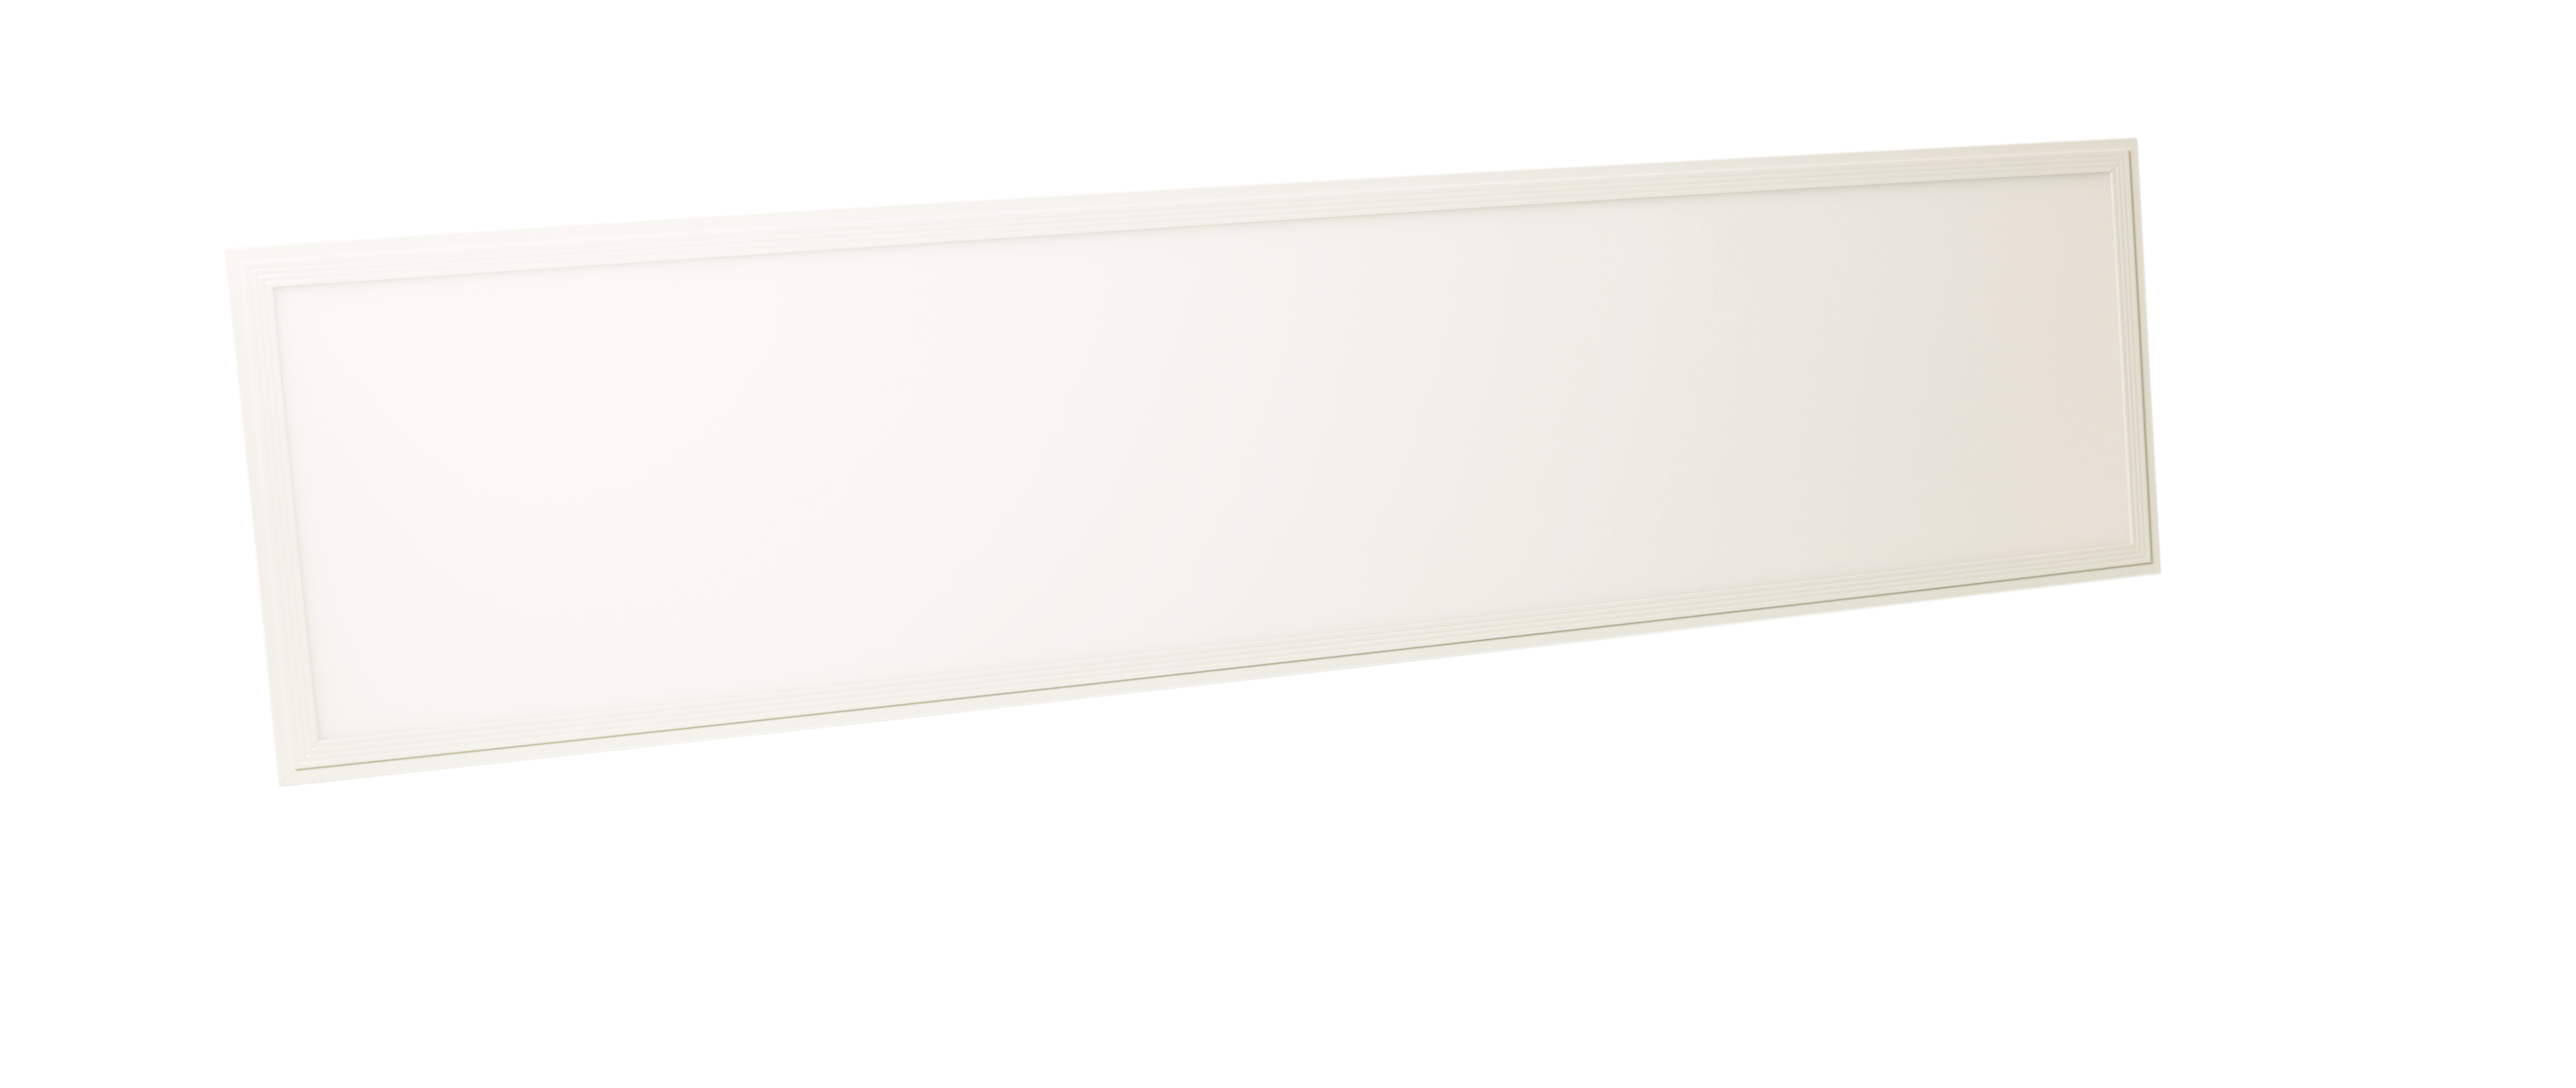 LED LIGHT PANEL - 36W - 1200mm X 300mm - 4000K - 9mm FRAME